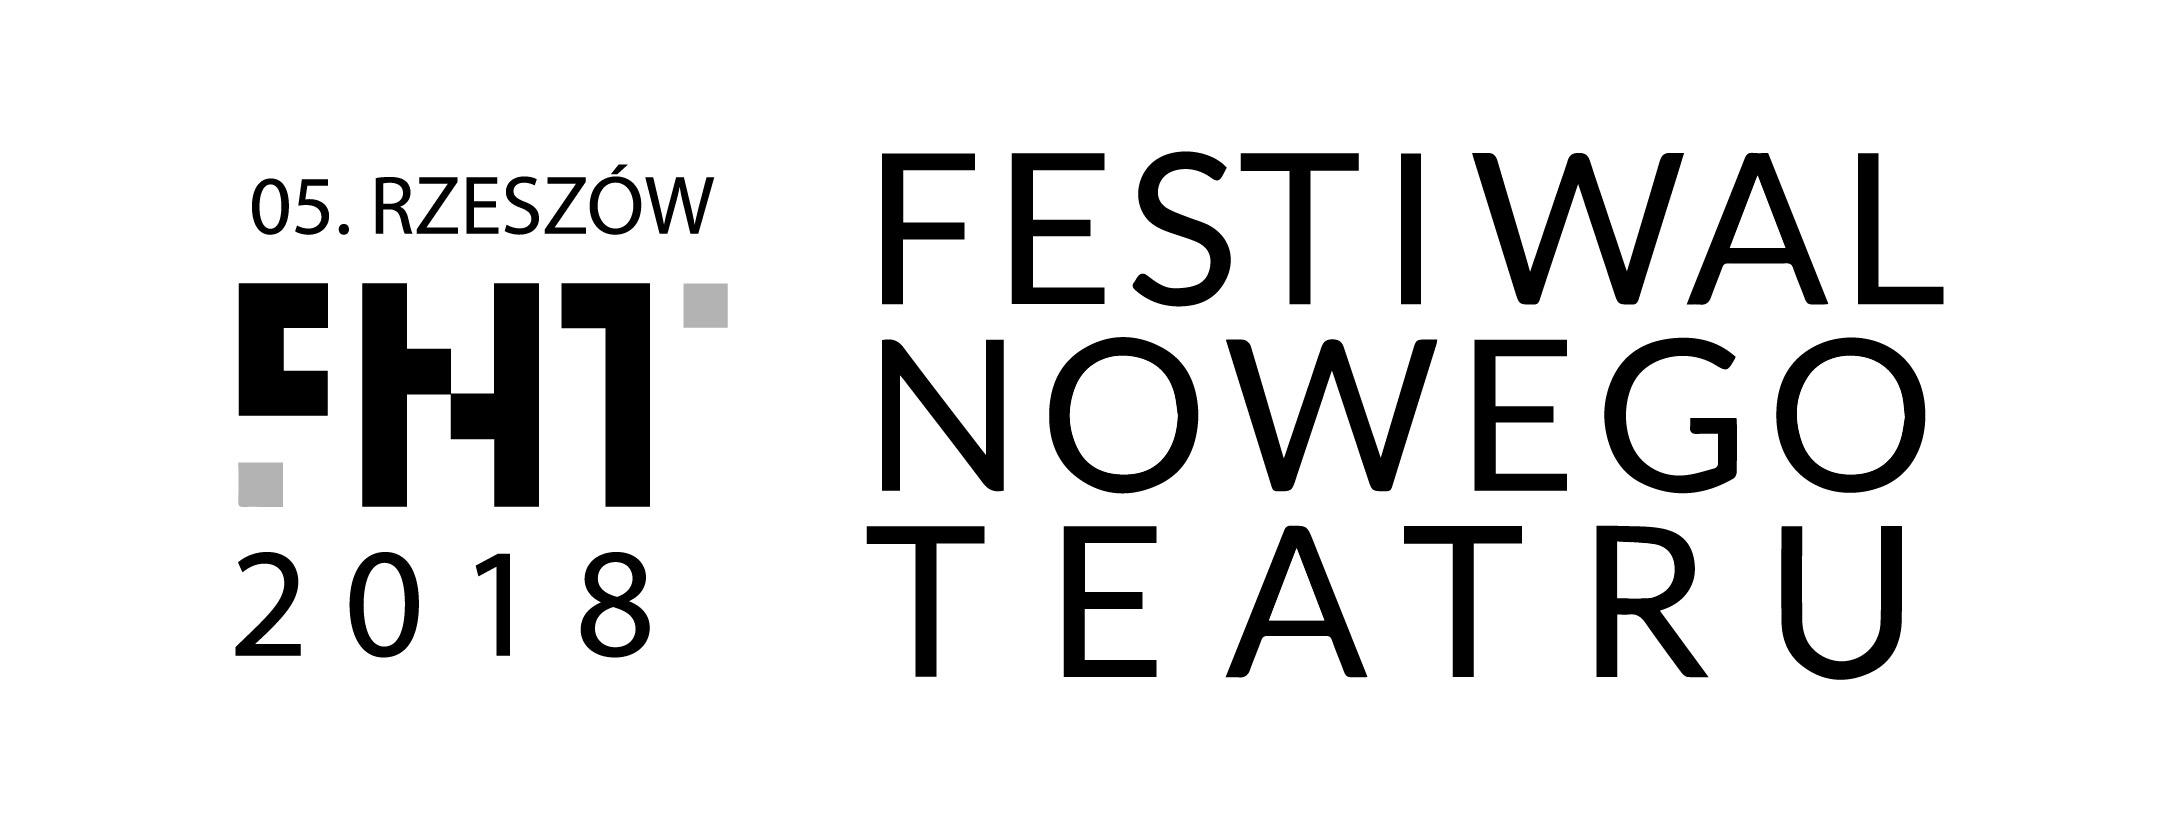 Program 05. Festiwalu Nowego Teatru - 57. Rzeszowskich Spotkań Teatralnych